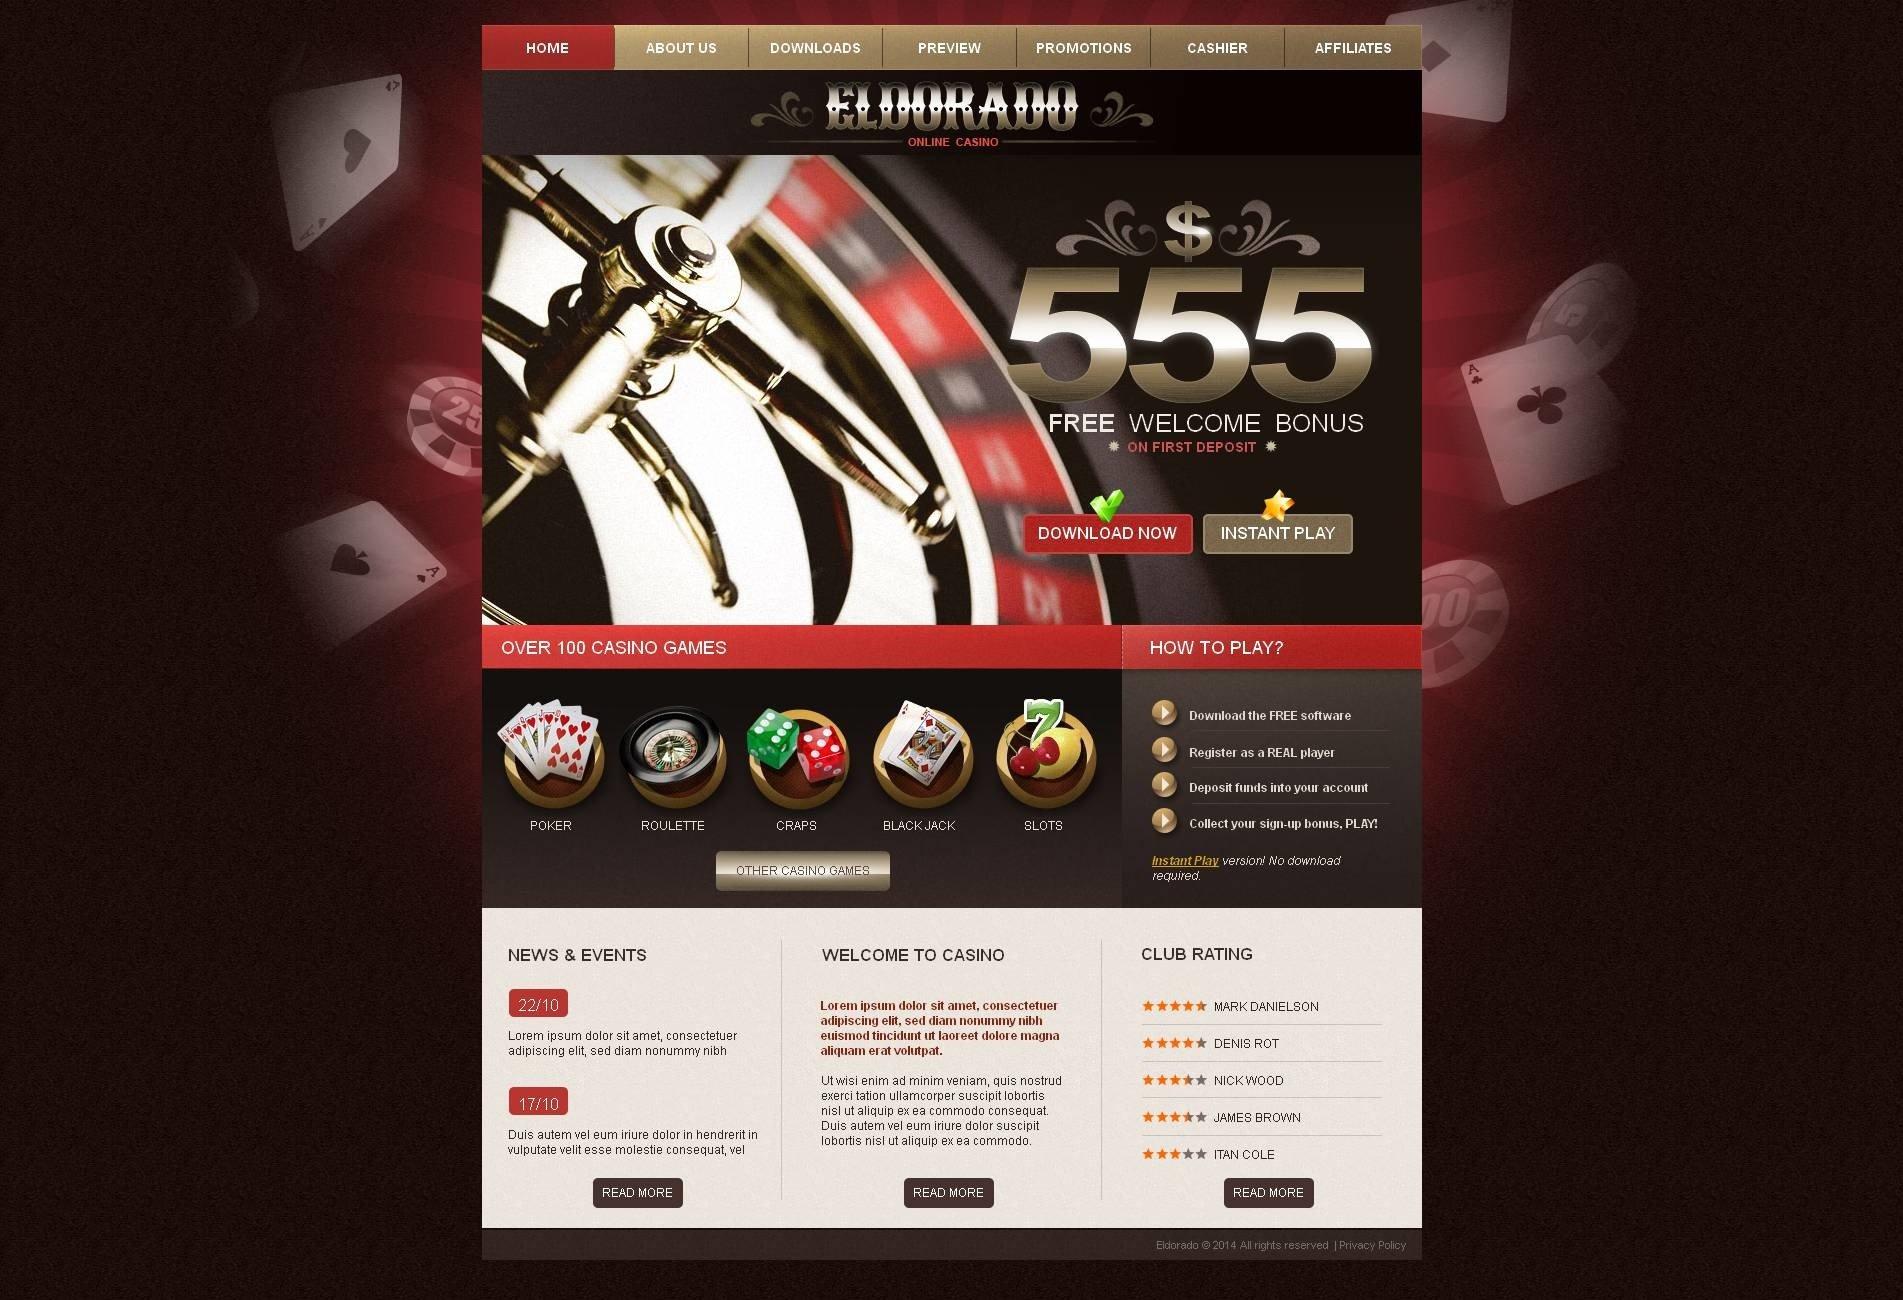 Cms casino онлайн казино для joomla 2.5 играйте только в проверенных казино